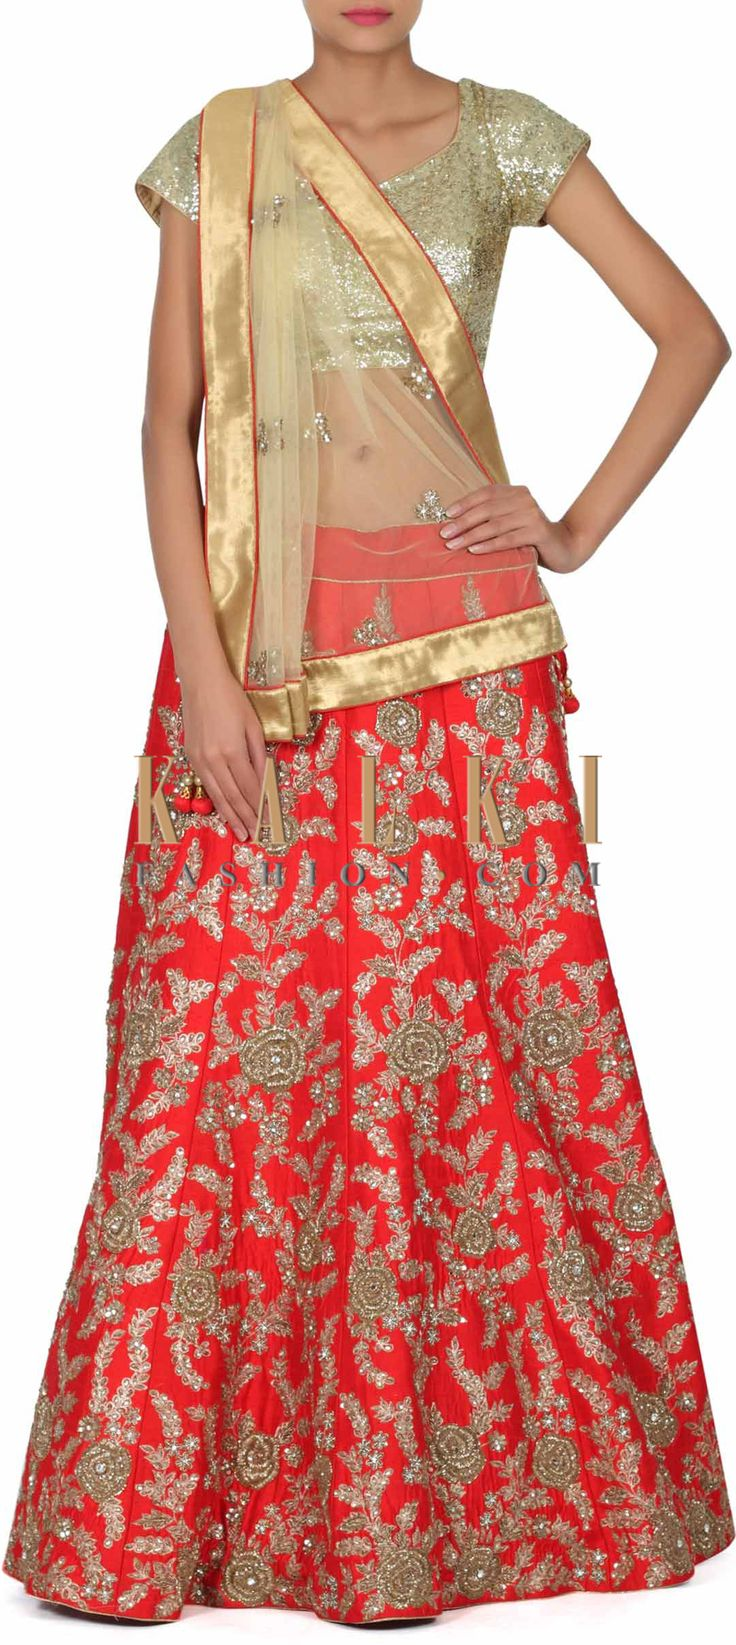 Buy this Red lehenga with zardosi embroidered kali only on Kalki